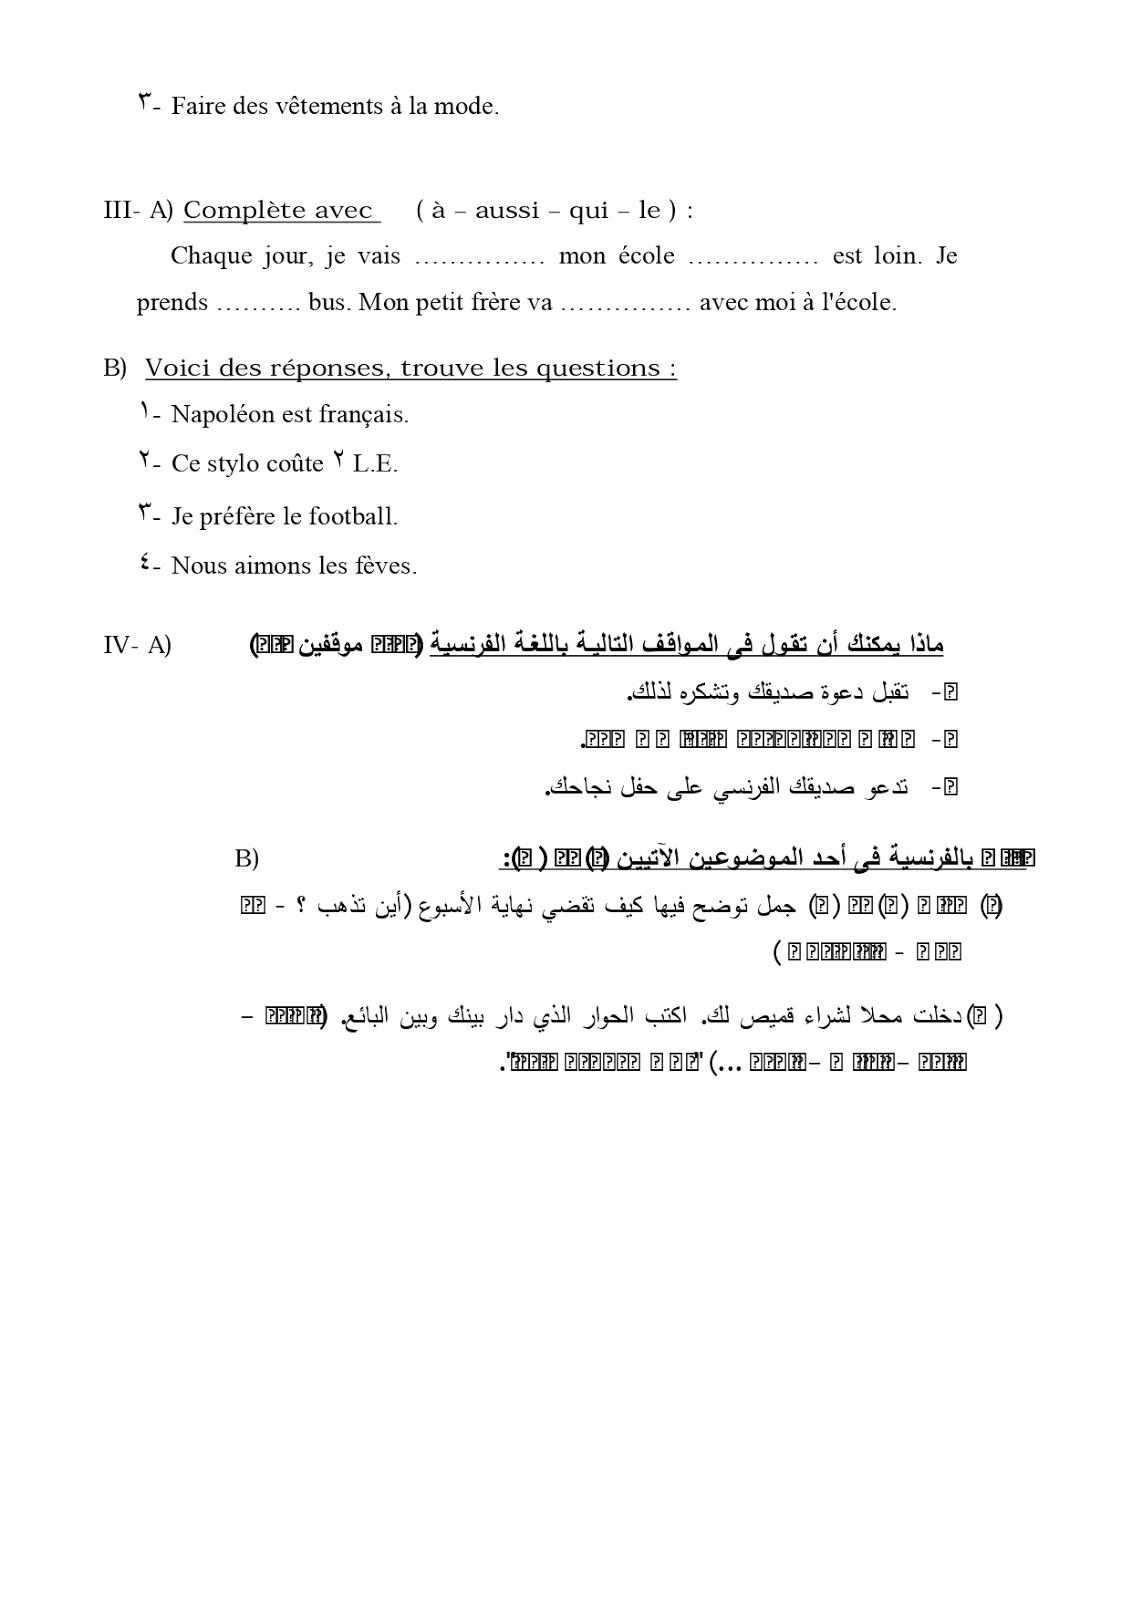 امتحان لغة فرنسية لاولى ثانوى (1)